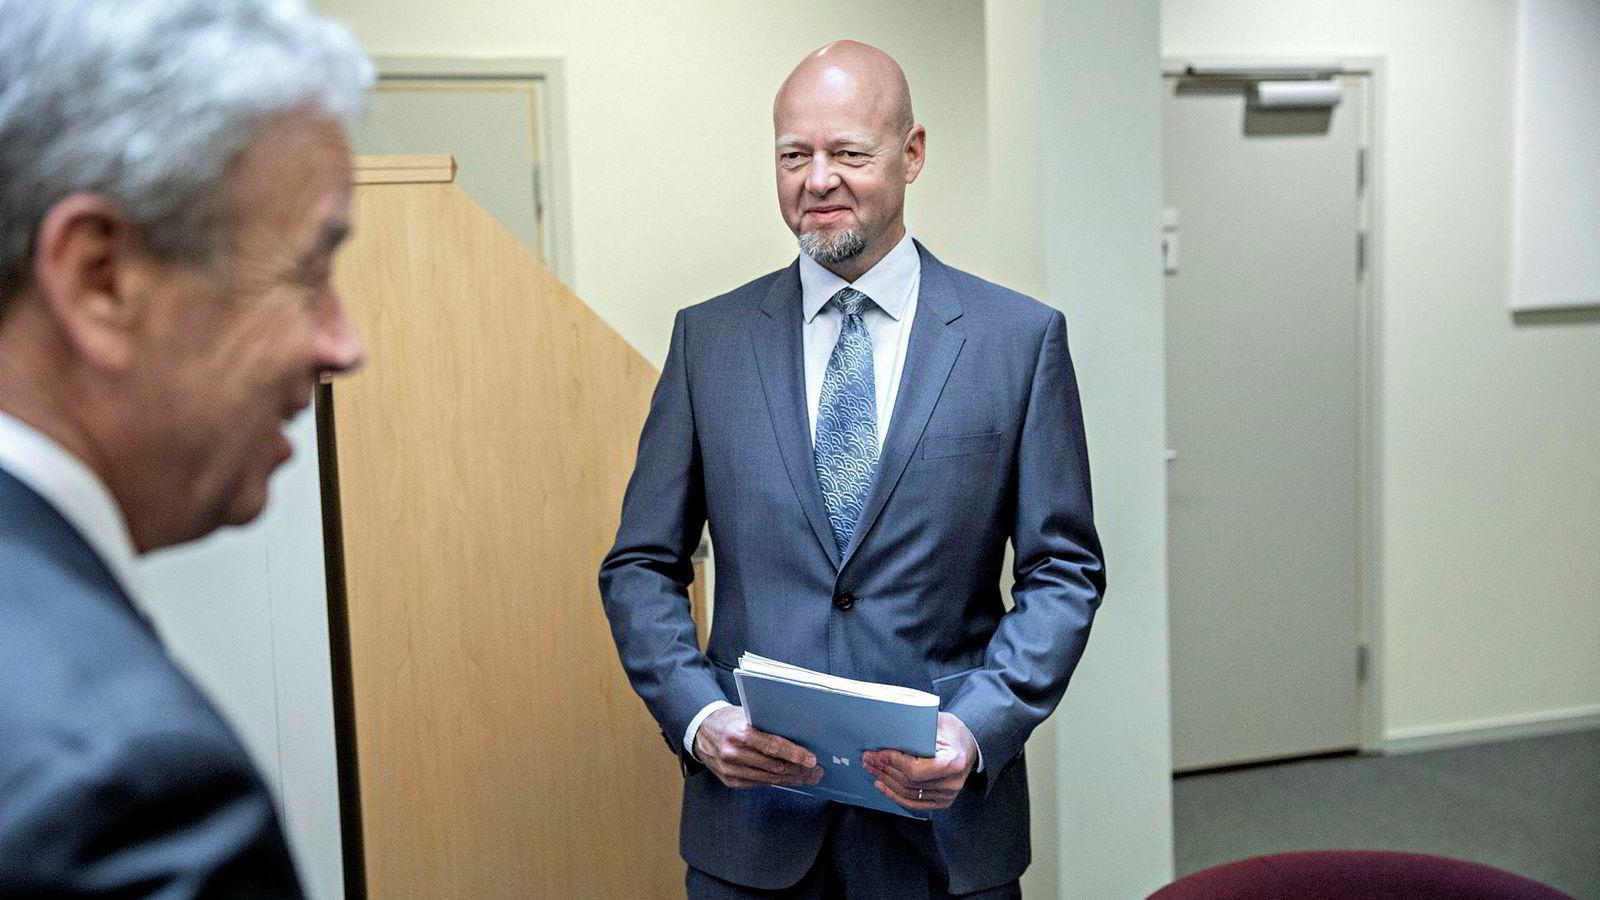 Ifølge Norges Bank begrenser dagens mandat Oljefondets mulighet til å tilpasse seg finansielle konsekvenser av klimaendringer. Her oljefondsjef Yngve Slyngstad.